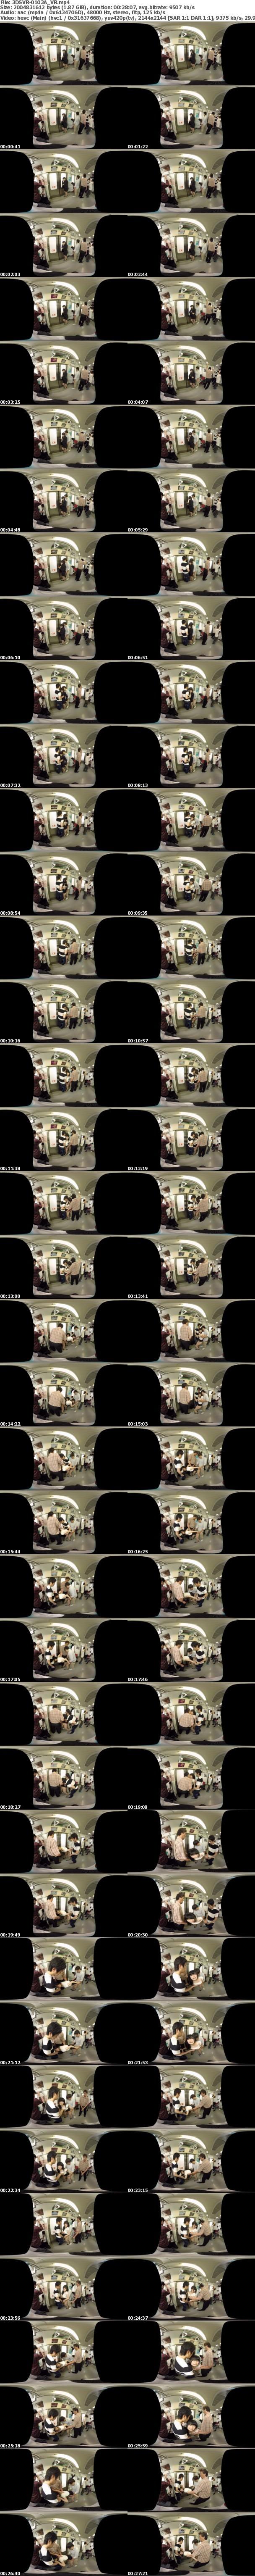 VR/3D 3DSVR-0103 【VR】目の前で痴漢!助けを求め訴えかける表情で見つめてくる女の子と何も出来ない僕。そして痴女が現れ、犯される女の子を見ながら逆痴漢される!